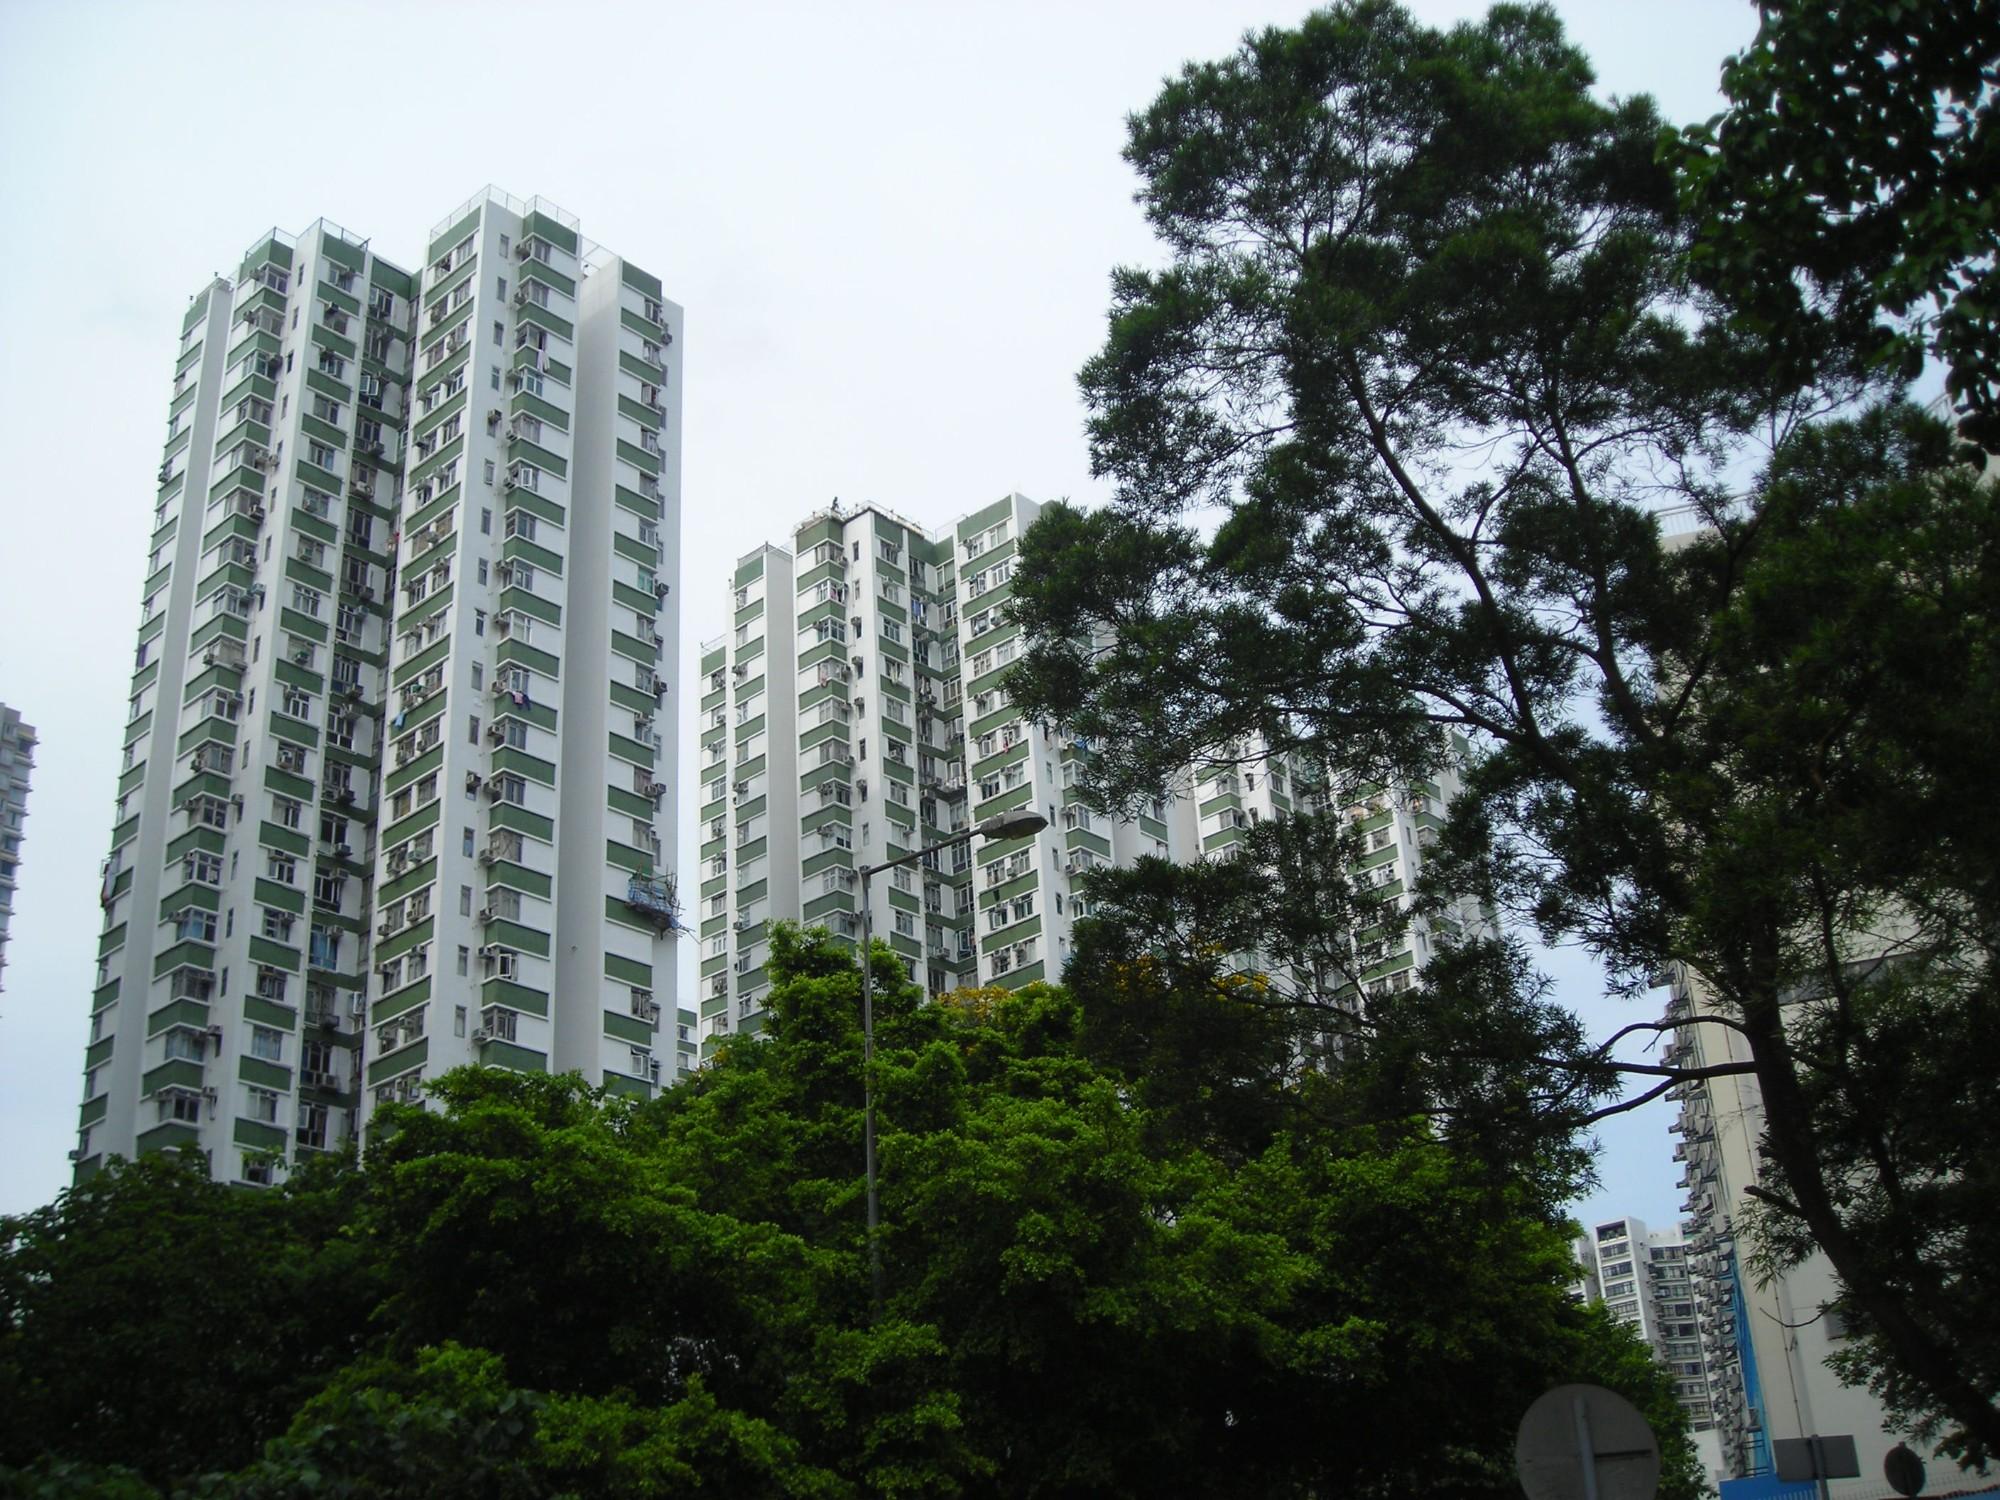 鰂魚涌 住宅 南豐新邨 基利路 40號